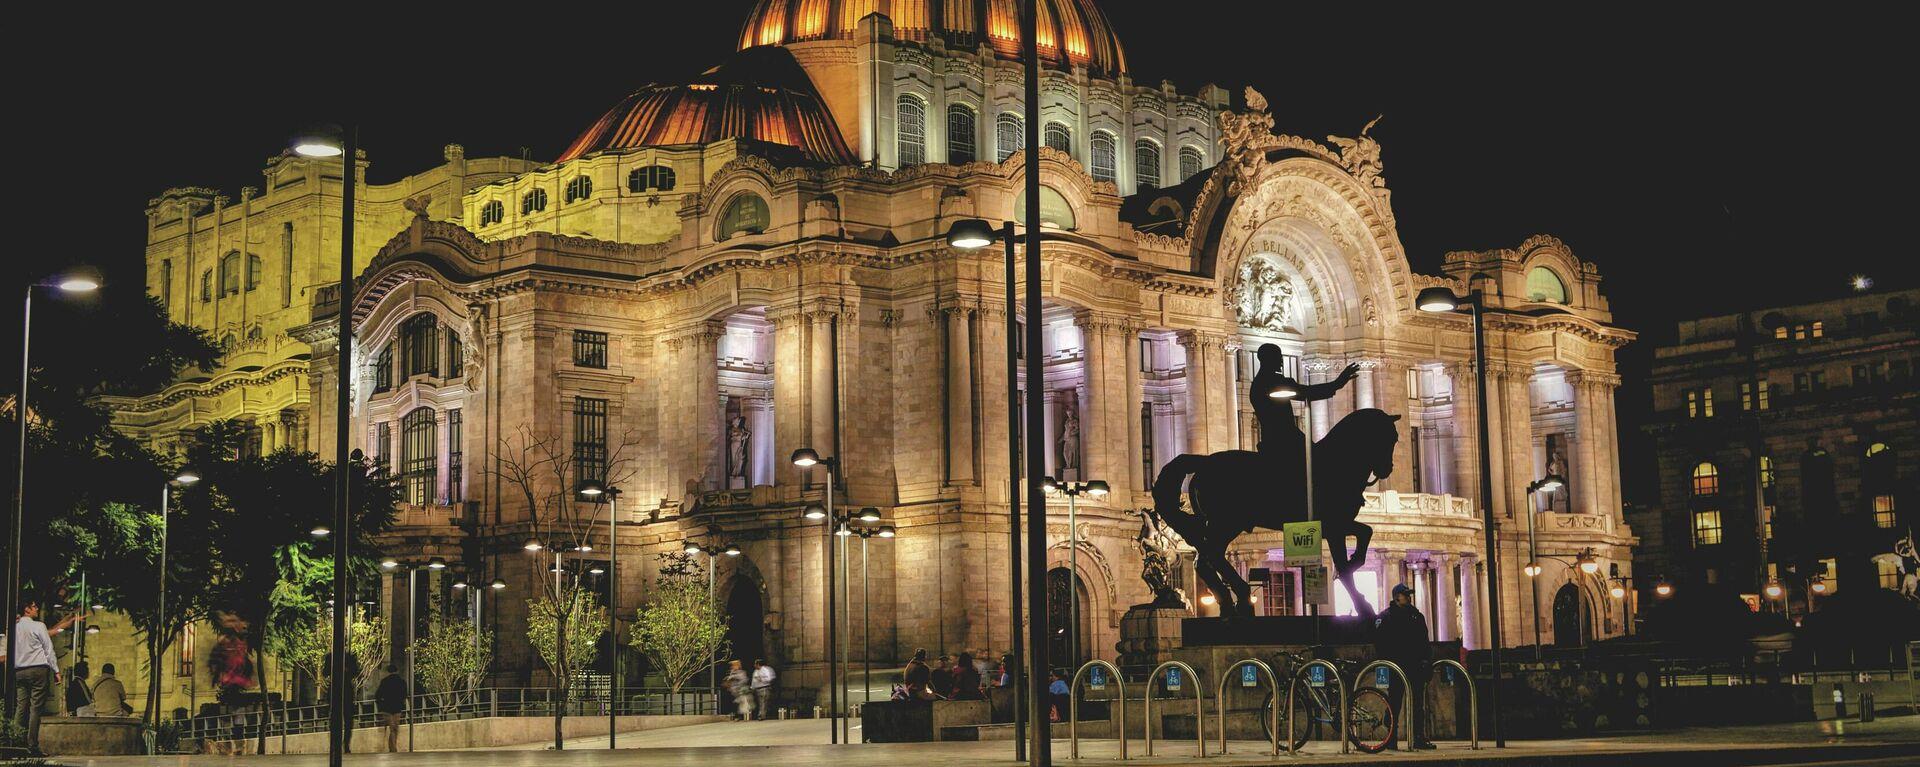 Palacio de Bellas Artes en Ciudad de México - Sputnik Mundo, 1920, 30.06.2021